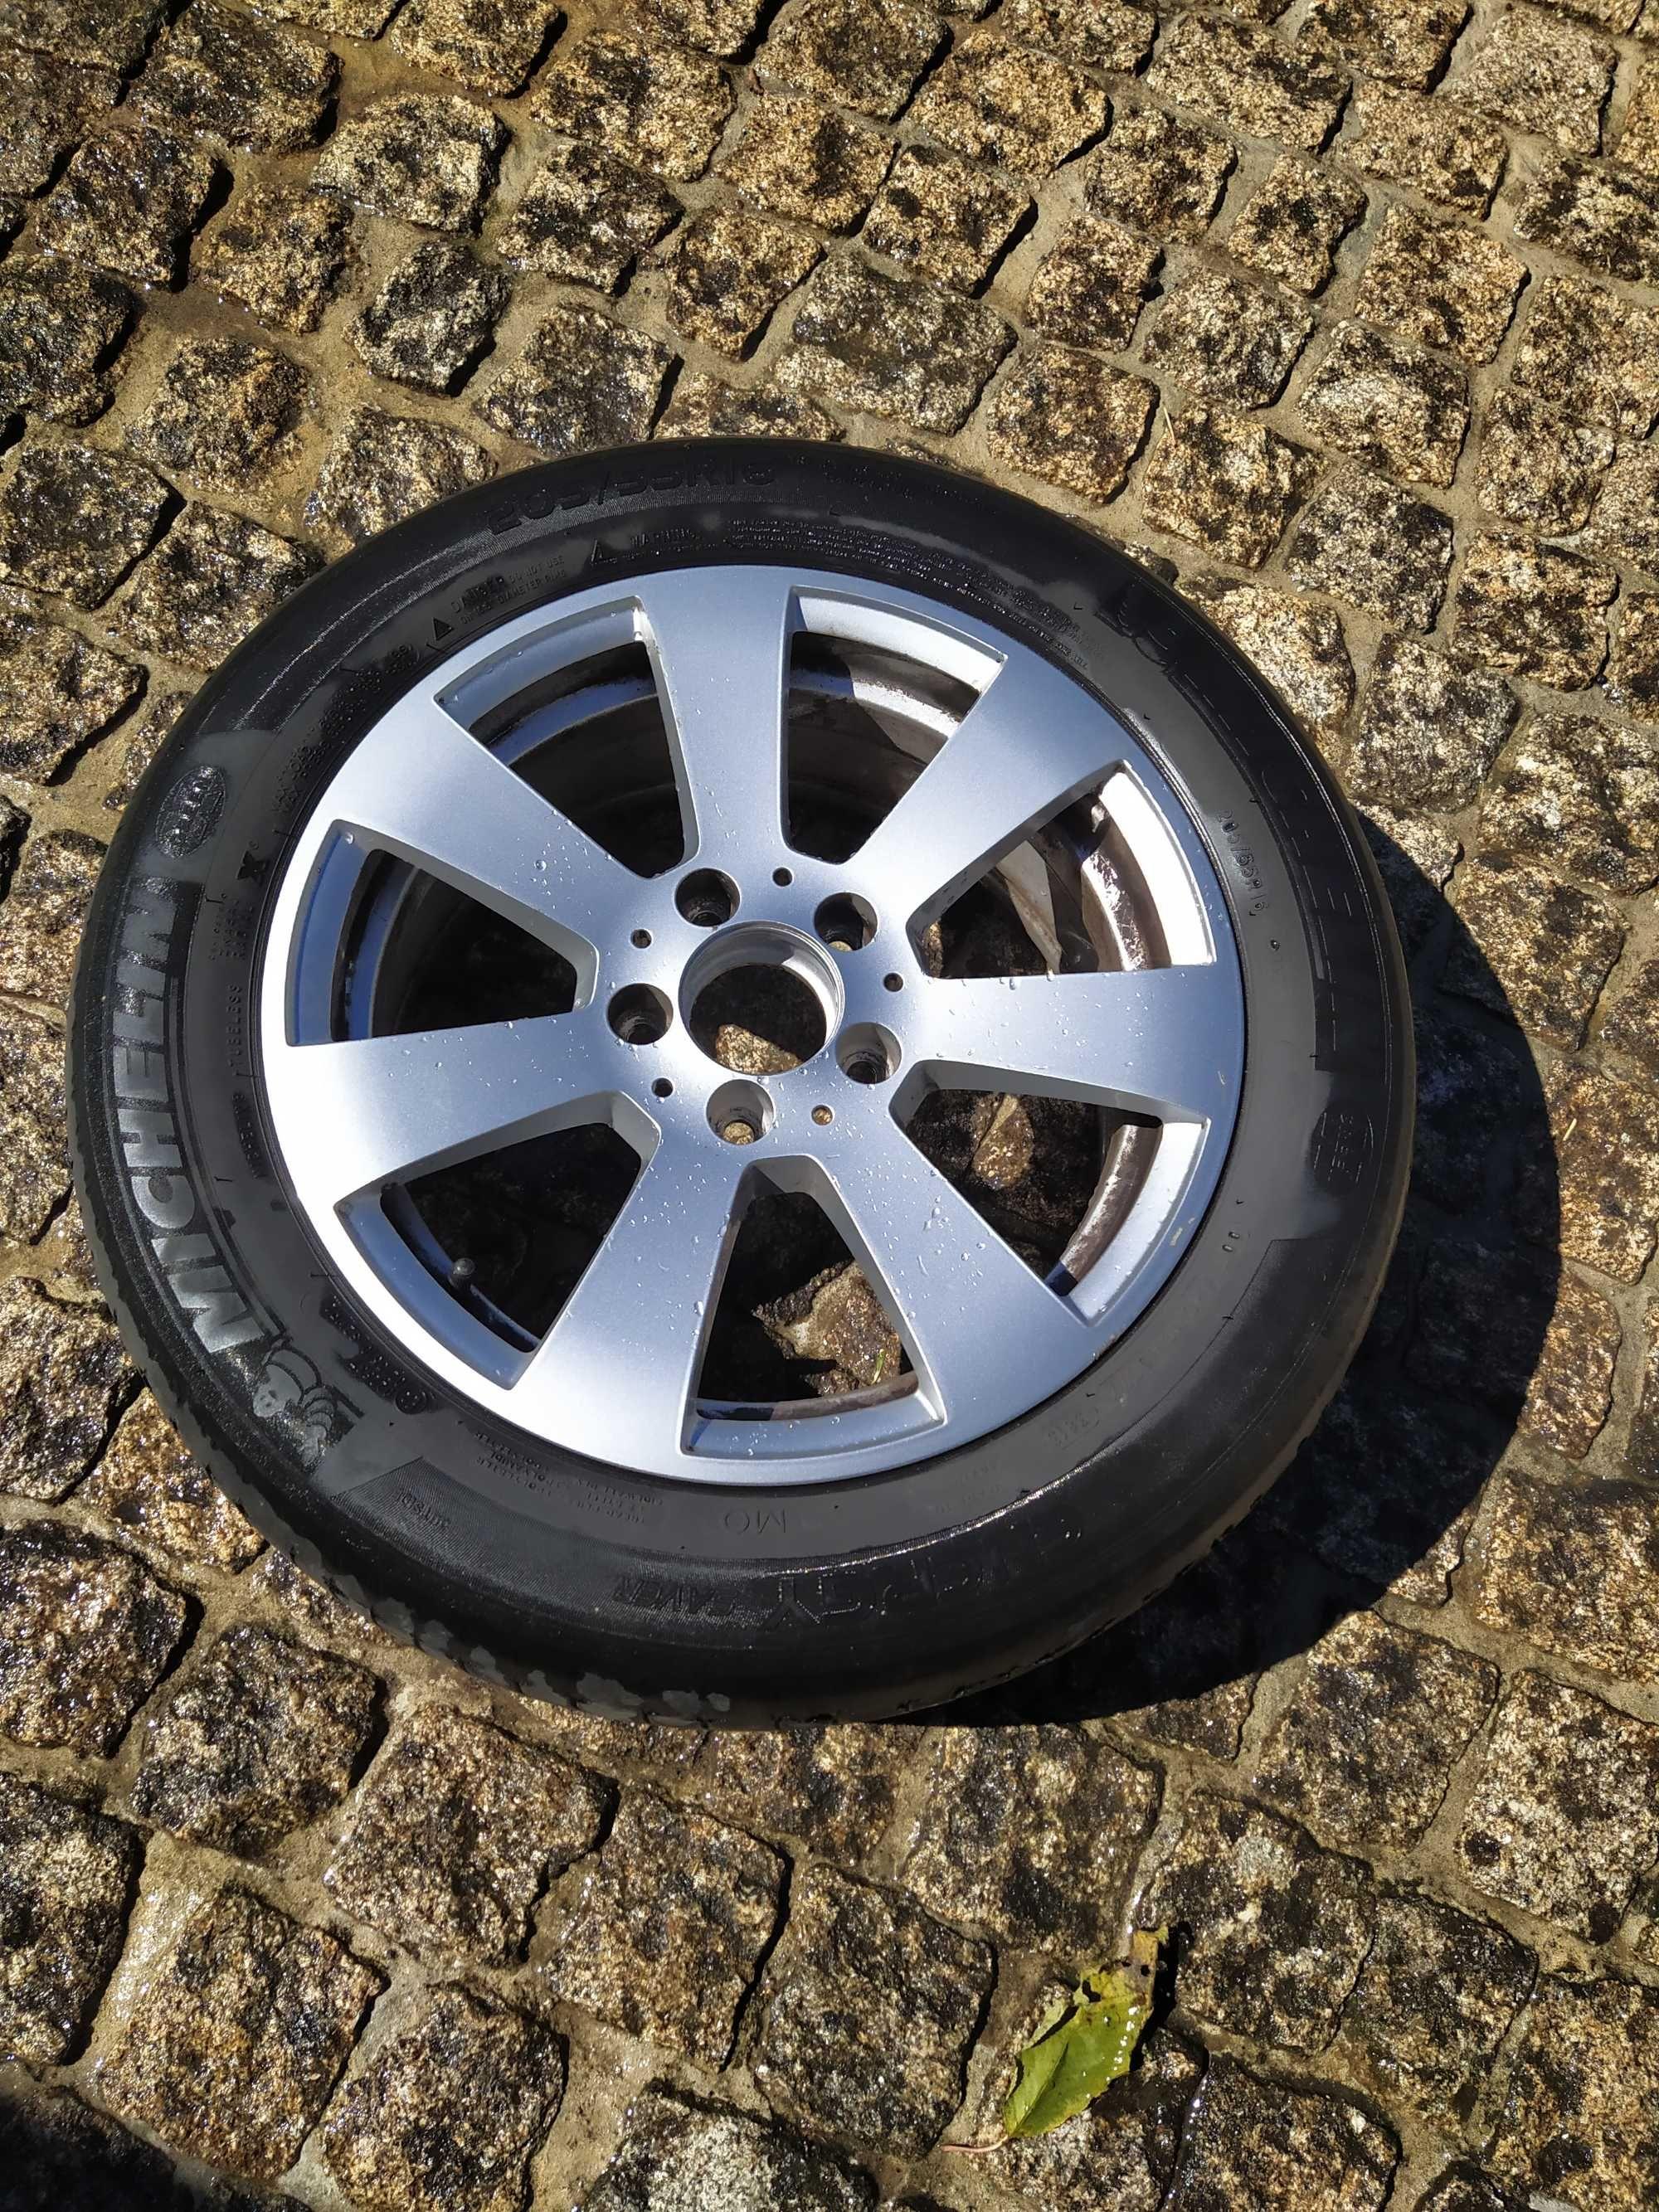 4 Jantes  16 sem pneu Mercedes Benz 220  CDI 2013 novo